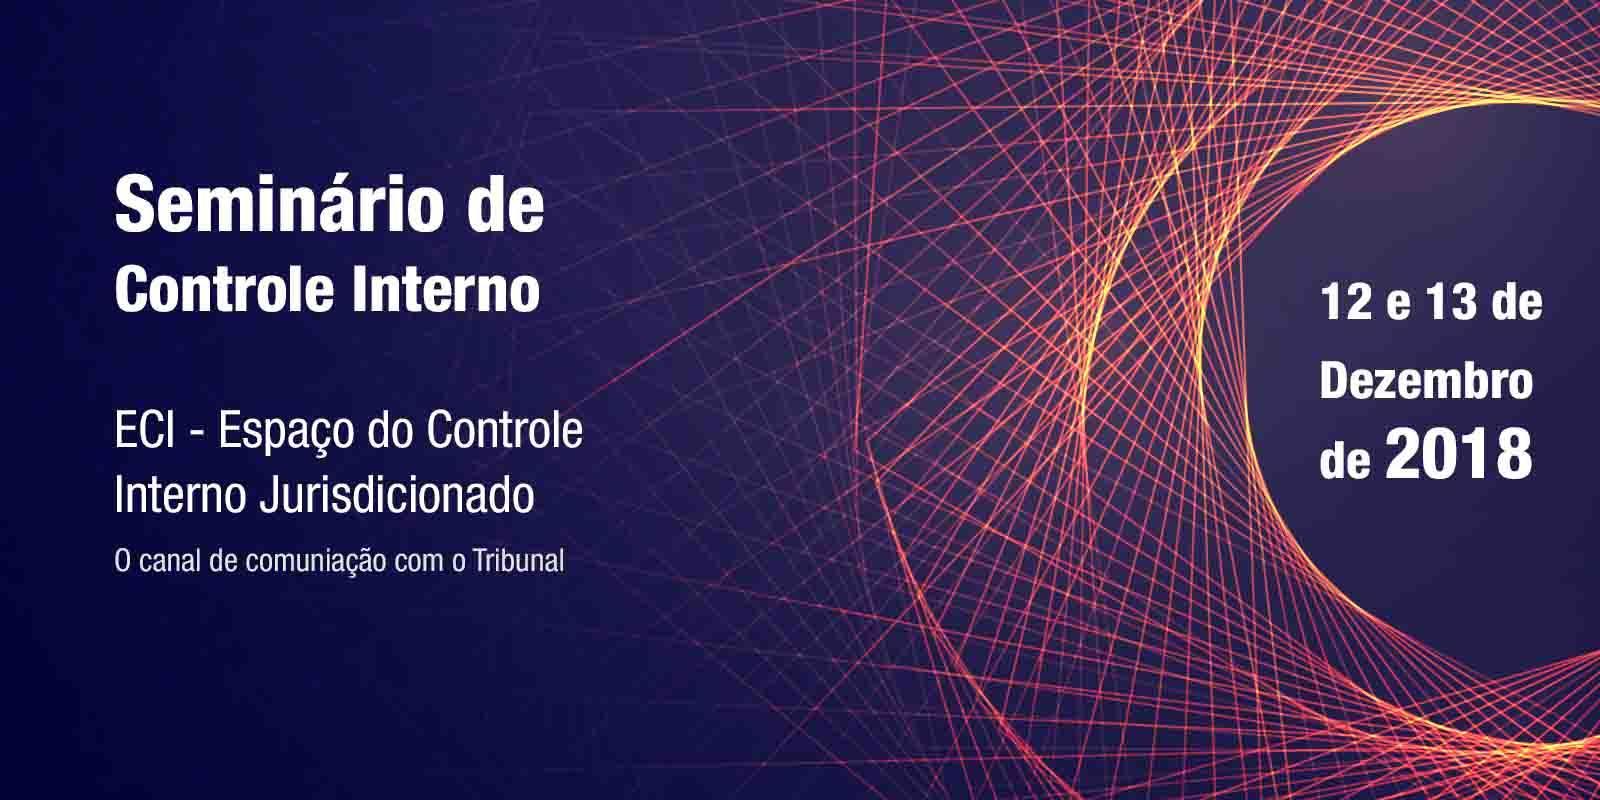 Seminário de Controle Interno - ECI - Dia 12 e 13 de dezembro